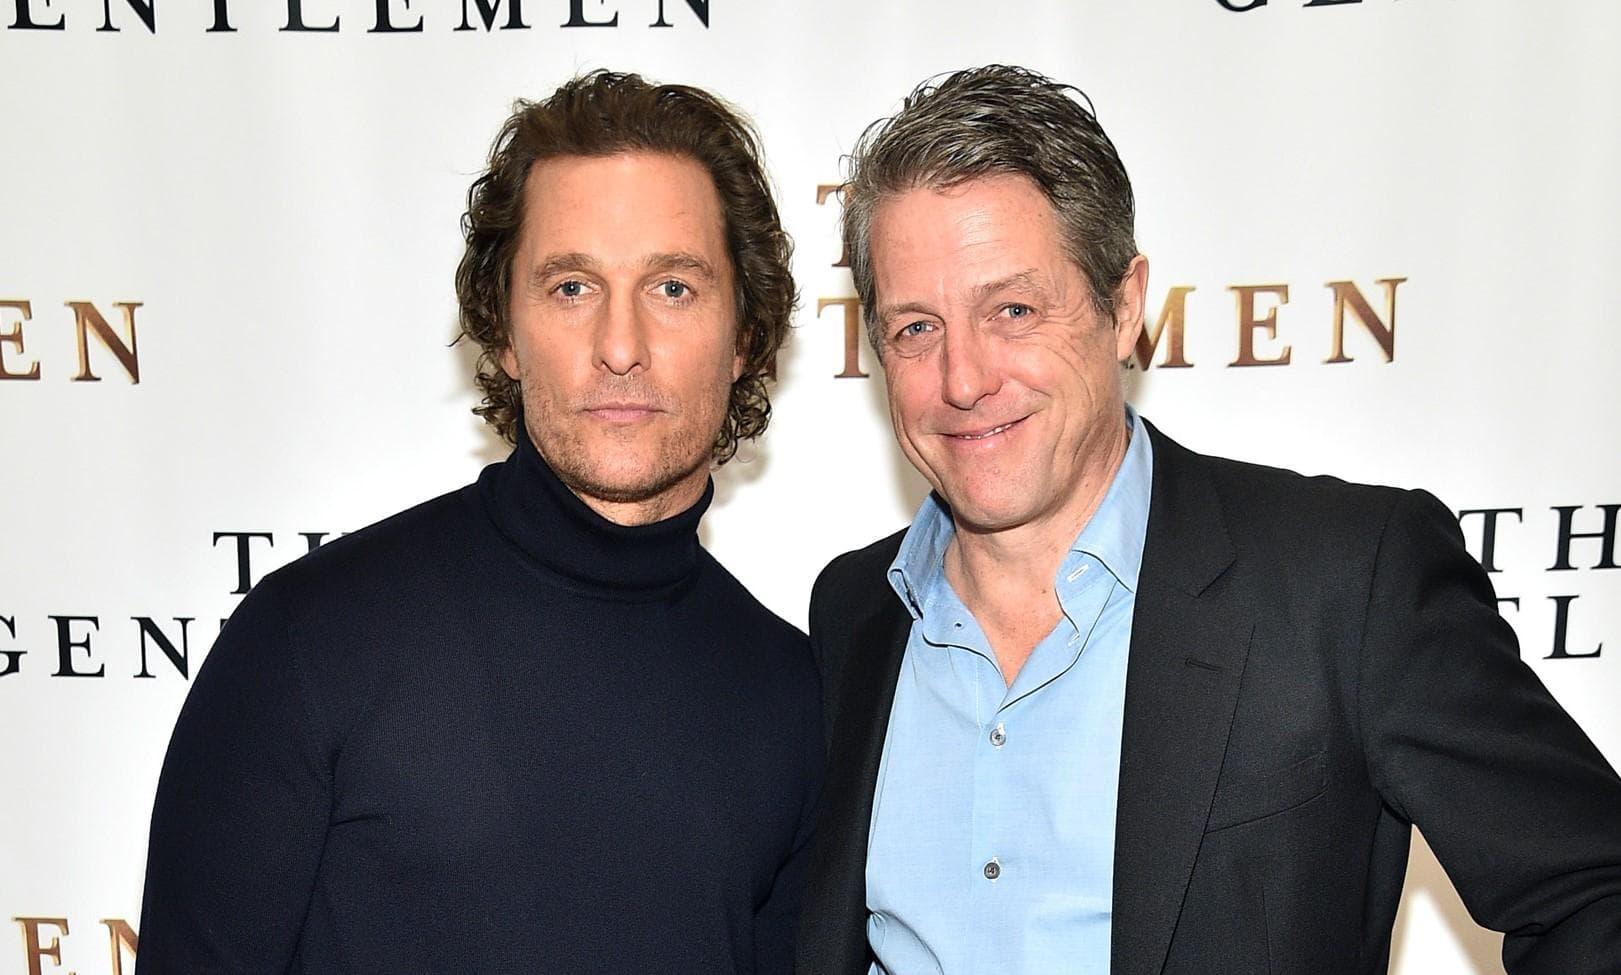 La mamma di Matthew McConaughey avrà un appuntamento hot con il papà di Hugh Grant?